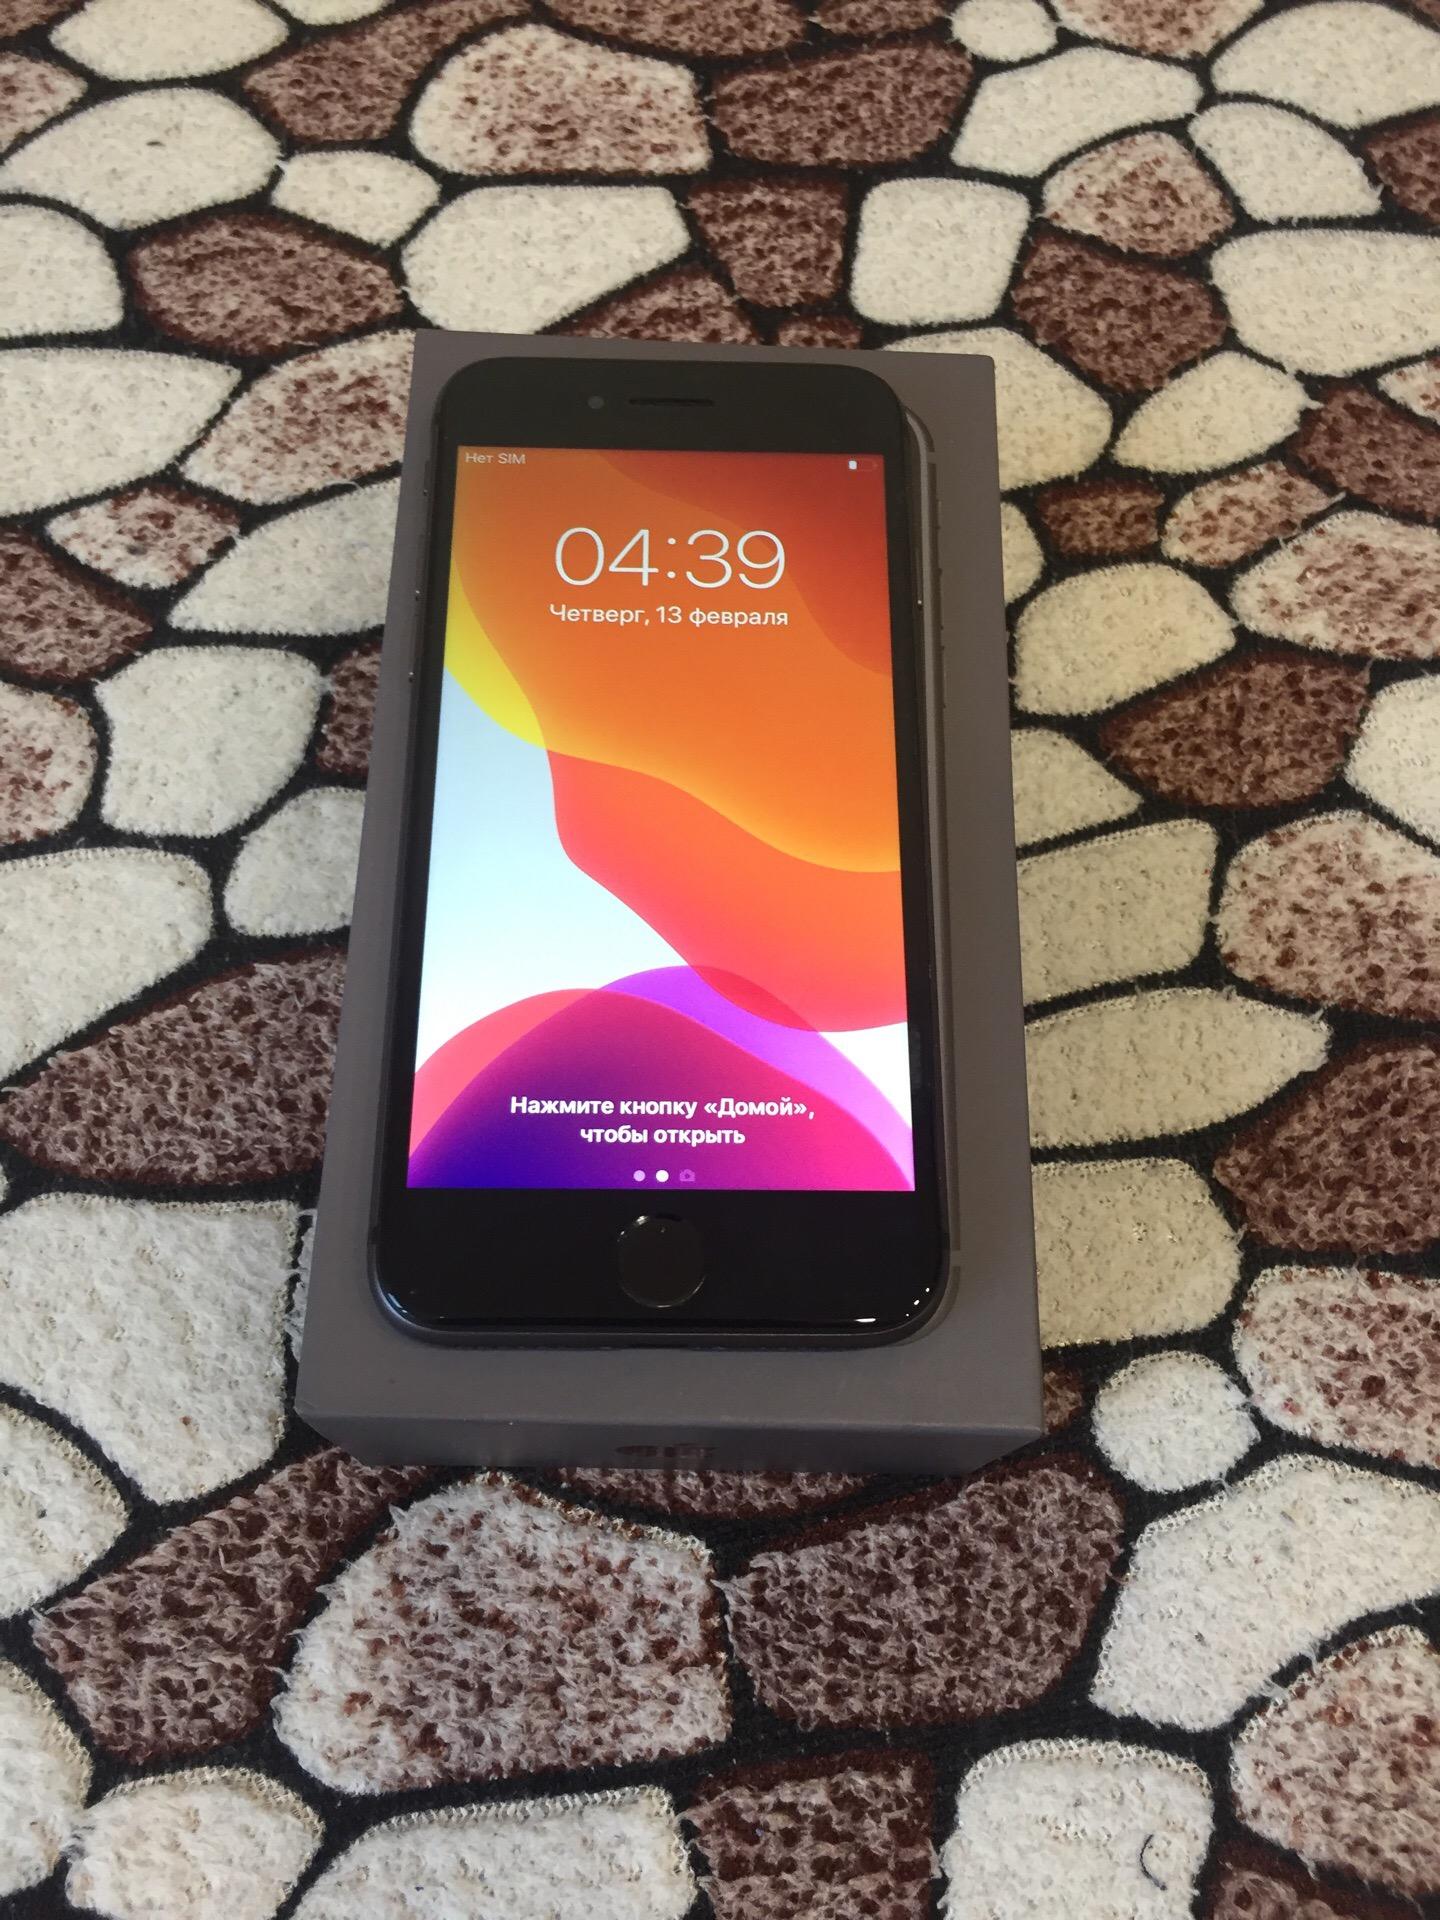 Купить IPhone 8 в идеальном состоянии. Все | Объявления Орска и Новотроицка №1575